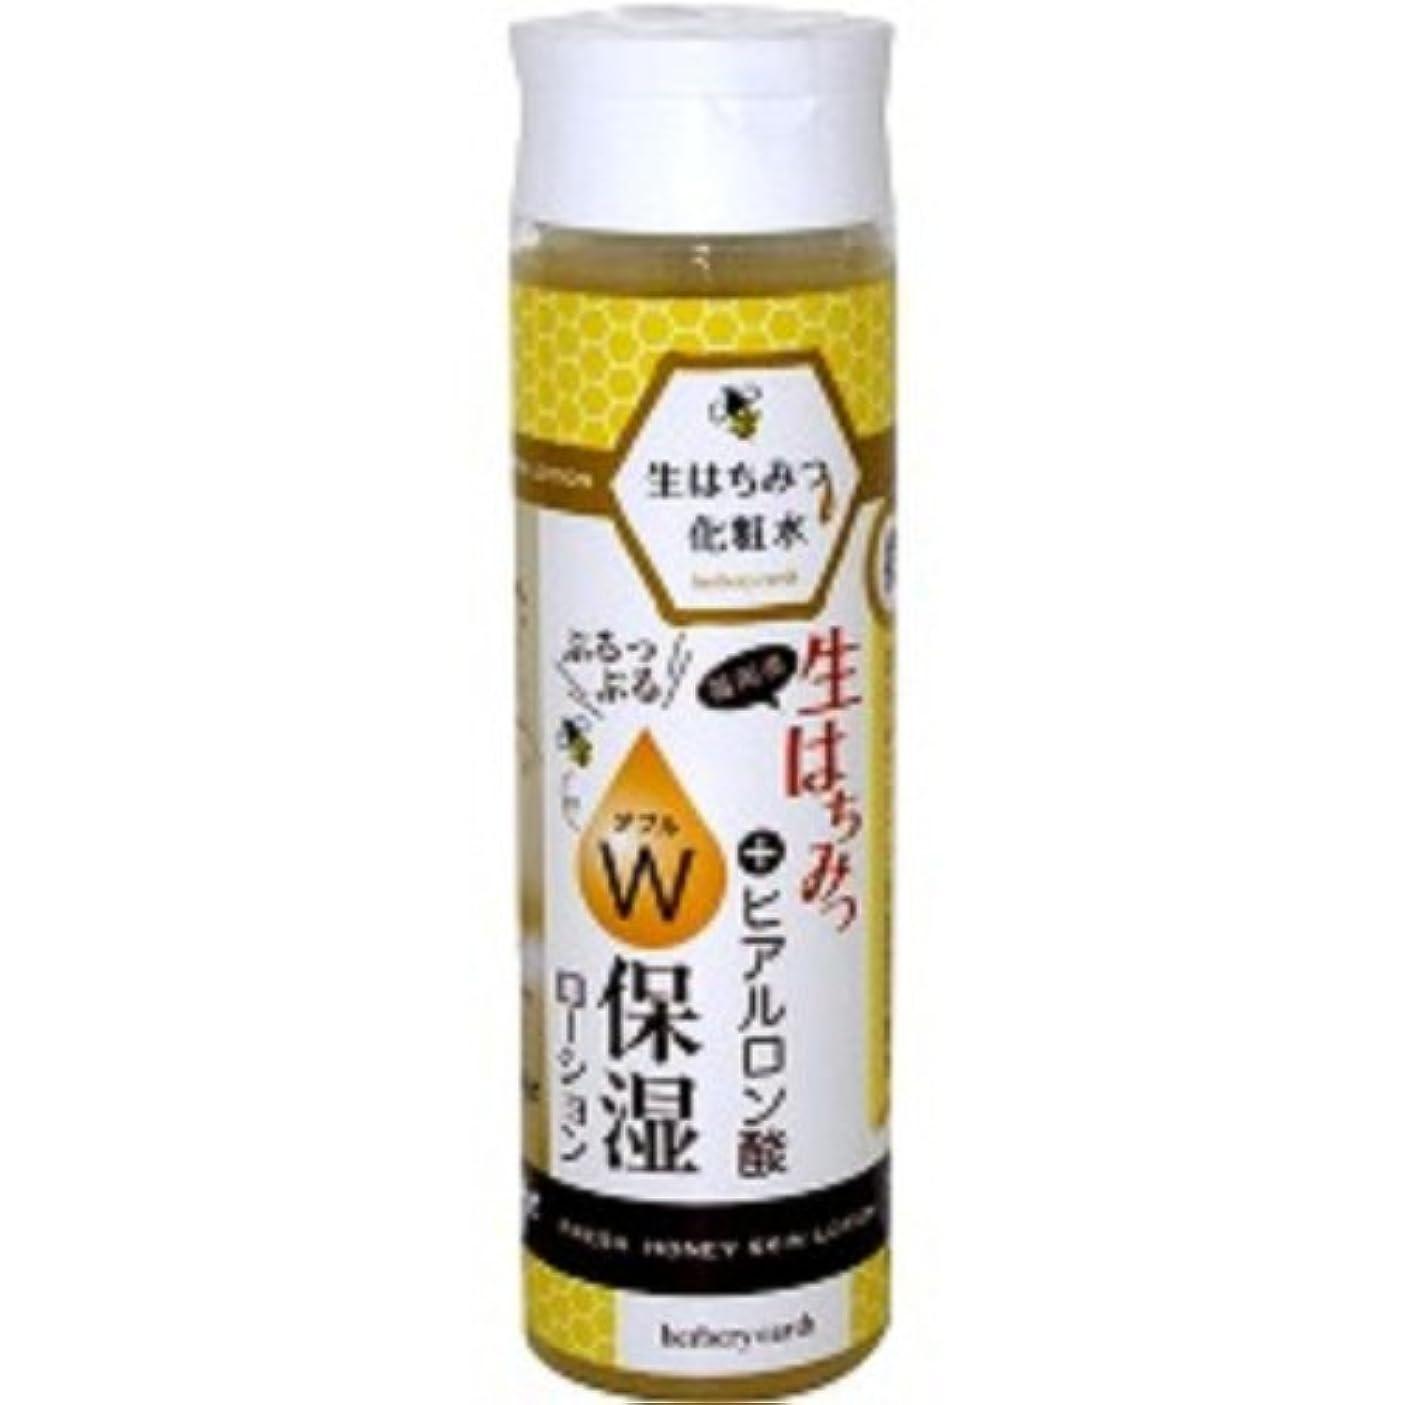 反対した気取らないシミュレートする生はちみつ化粧水 W保湿スキンローション